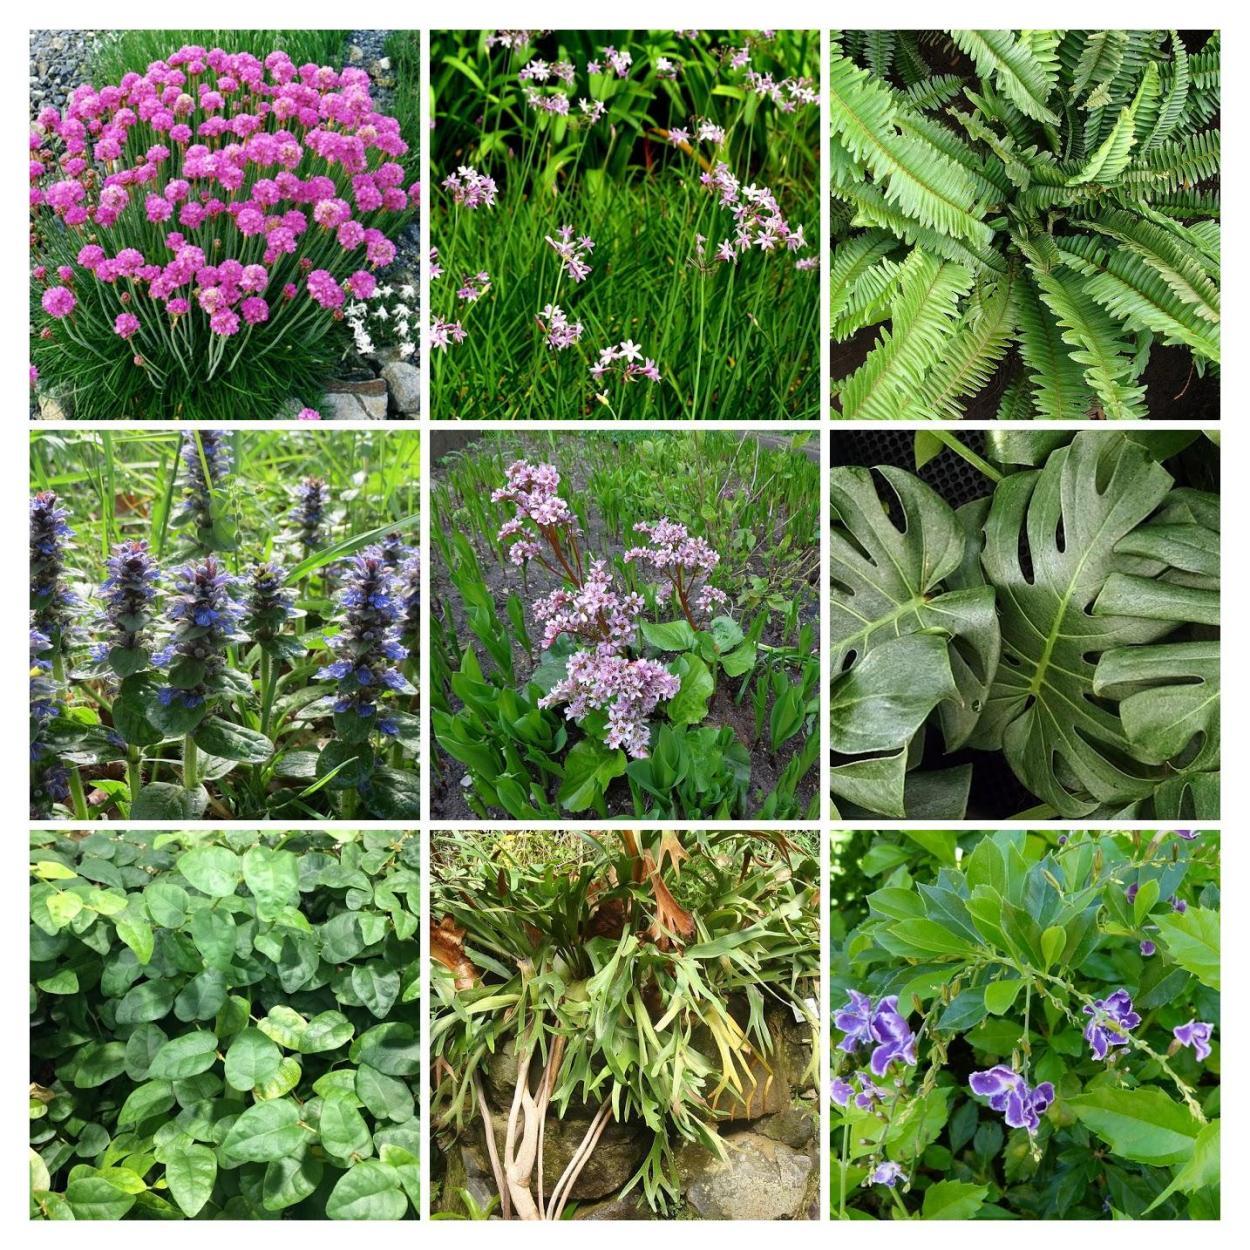 Las 10 especies que mejor funcionan en jardines verticales for Que planta para muro exterior vegetal